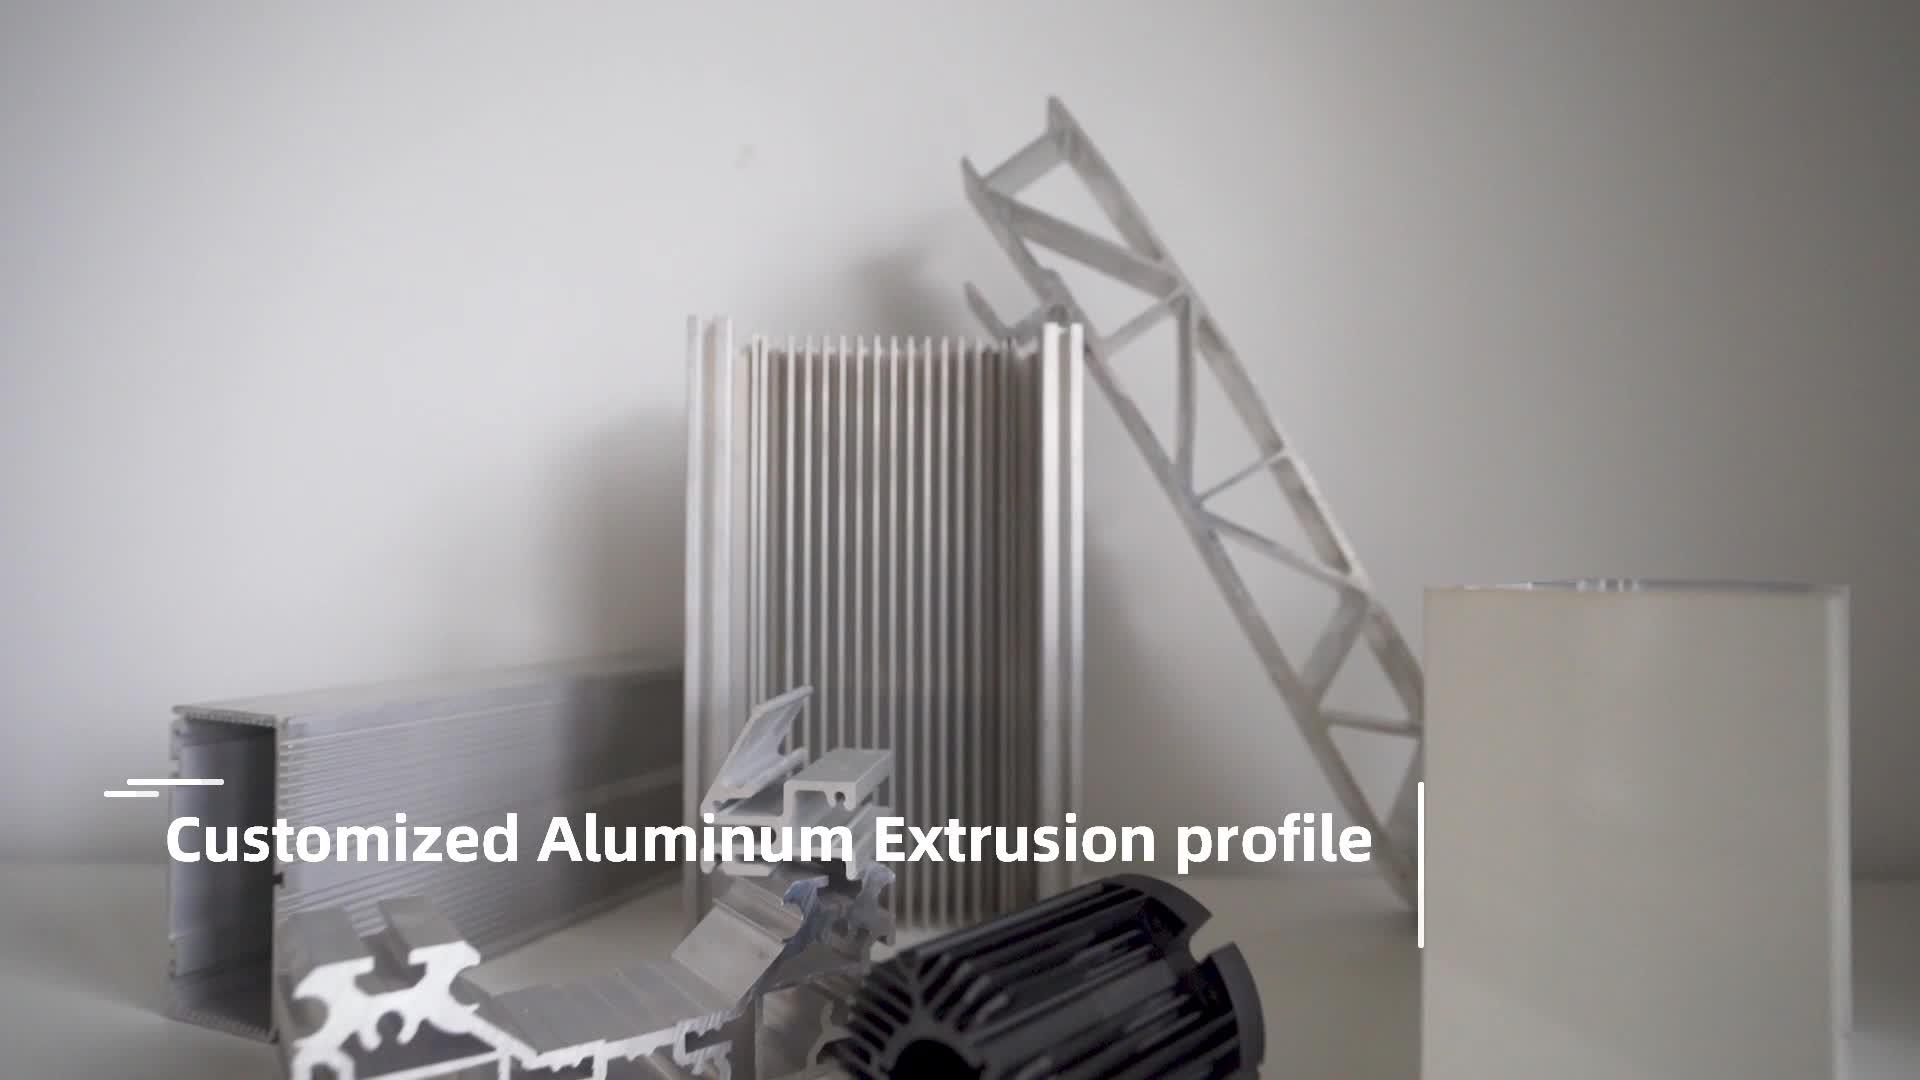 TToshine 3003 5052 6061 6063 7075 7005 grade part manufacturers aluminum extrusion profile